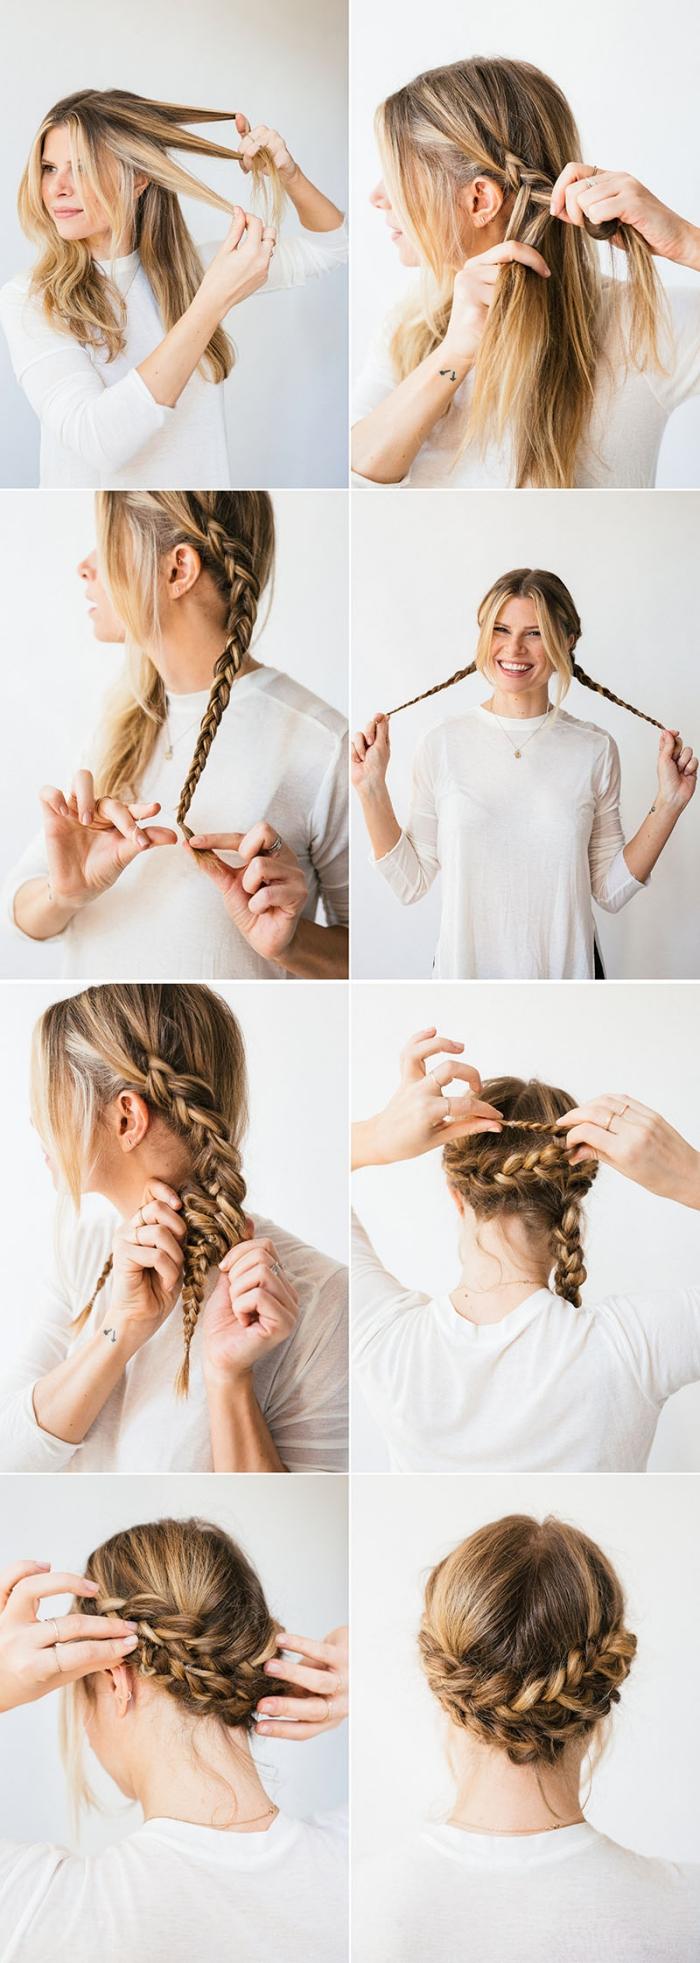 coiffure femme, étapes à suivre pour réaliser une coiffure aux cheveux attachés et tressés en couronne basse